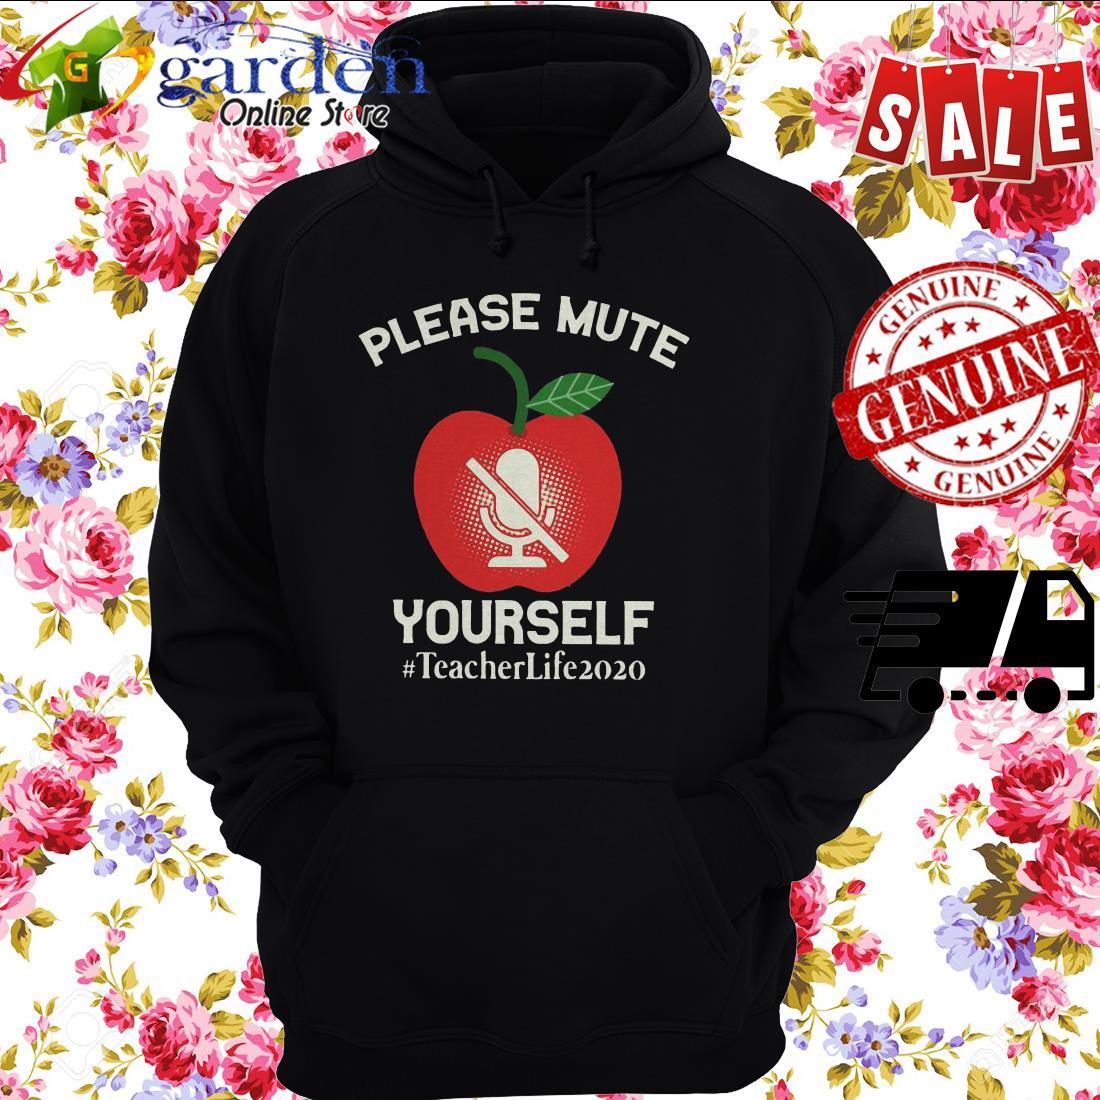 Please Mute Yourself #teacherlife2020 hoodie